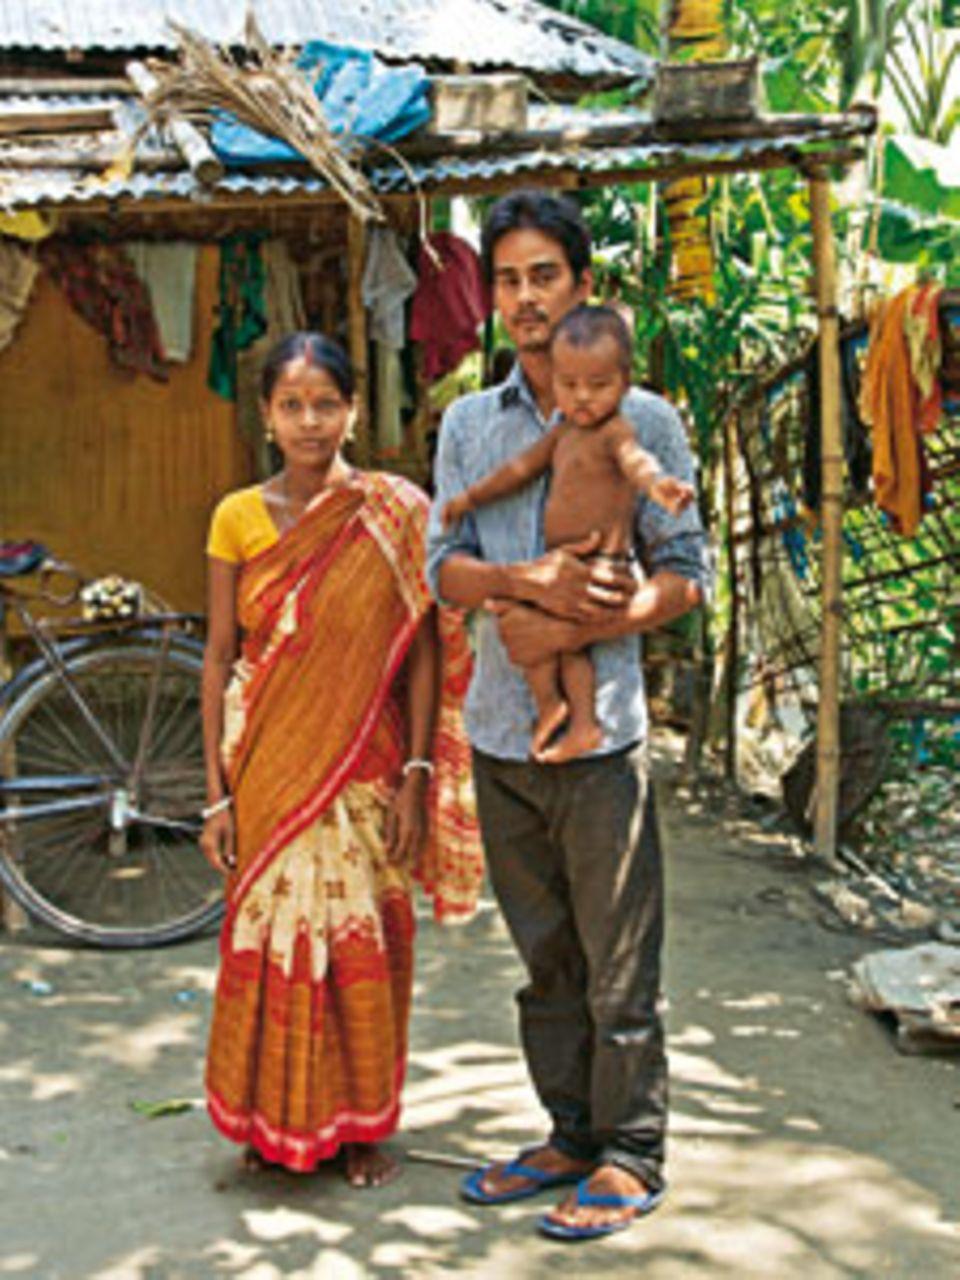 Anita mit Ehemann Shymon und ihrem knapp einjährigen Sohn.